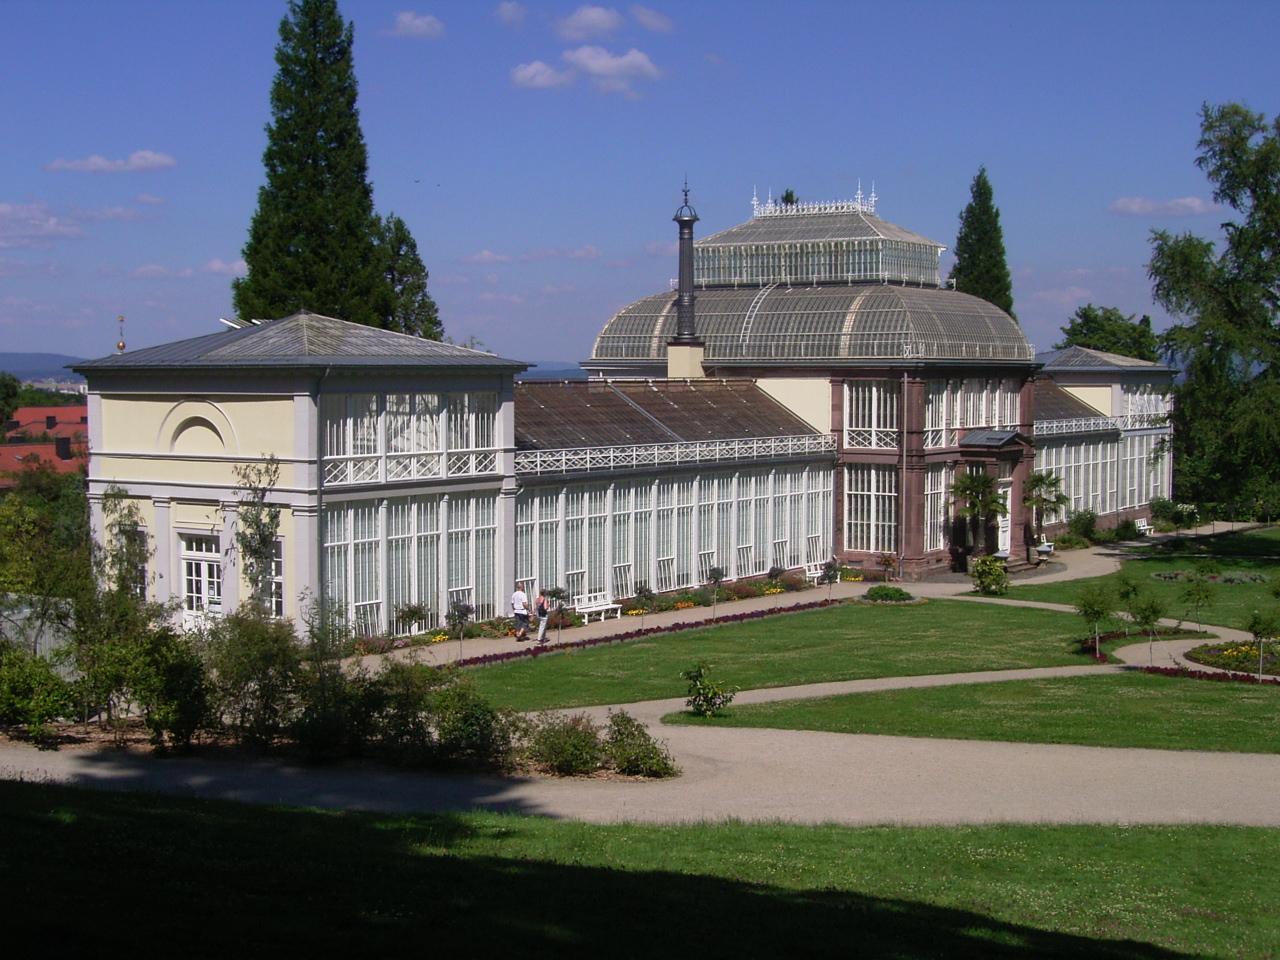 Grosses Gewachshaus Kassel Wikipedia